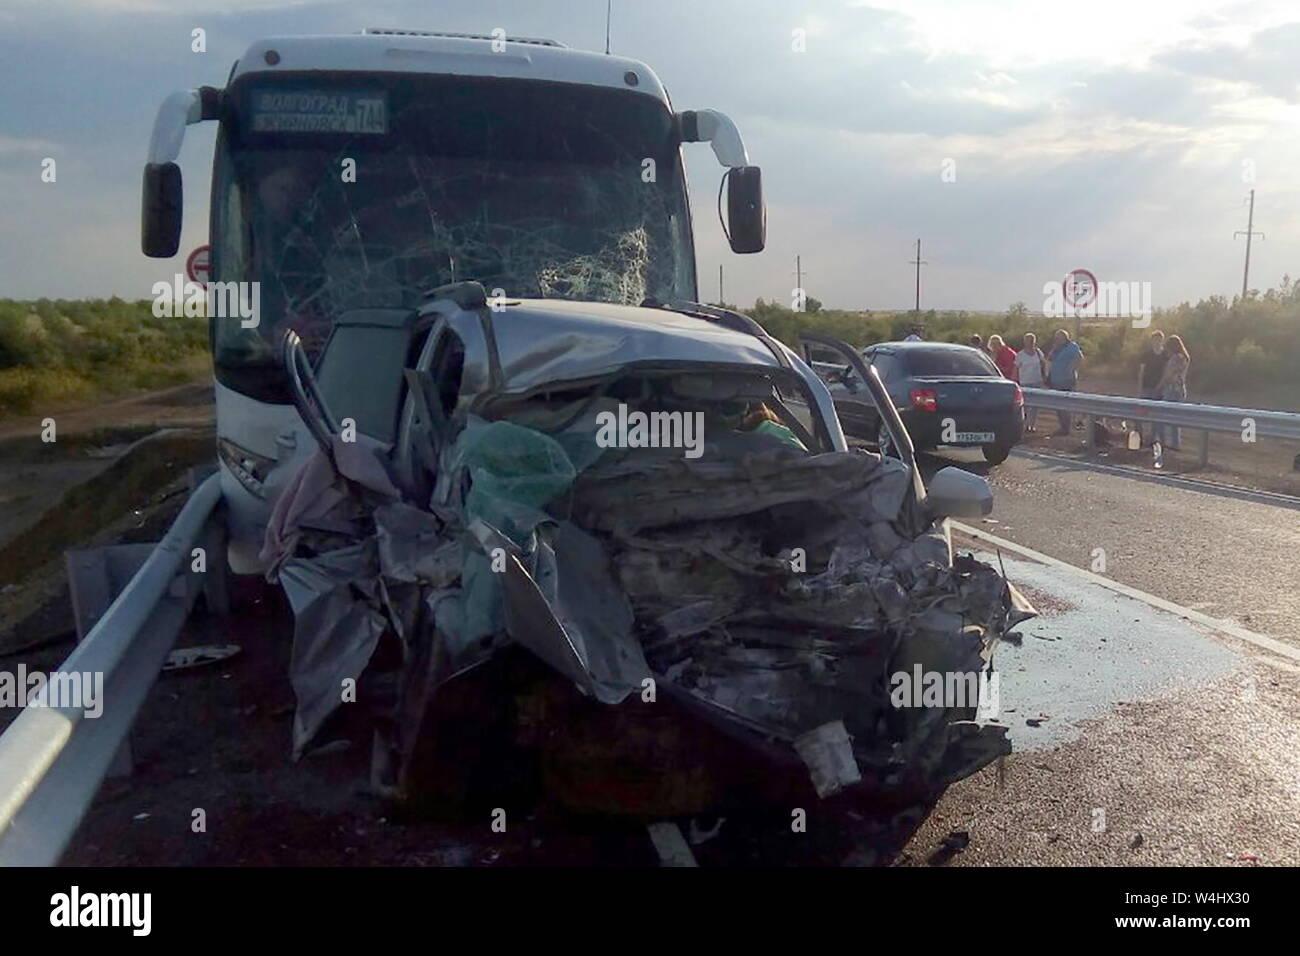 Fatal Crash Stock Photos & Fatal Crash Stock Images - Alamy